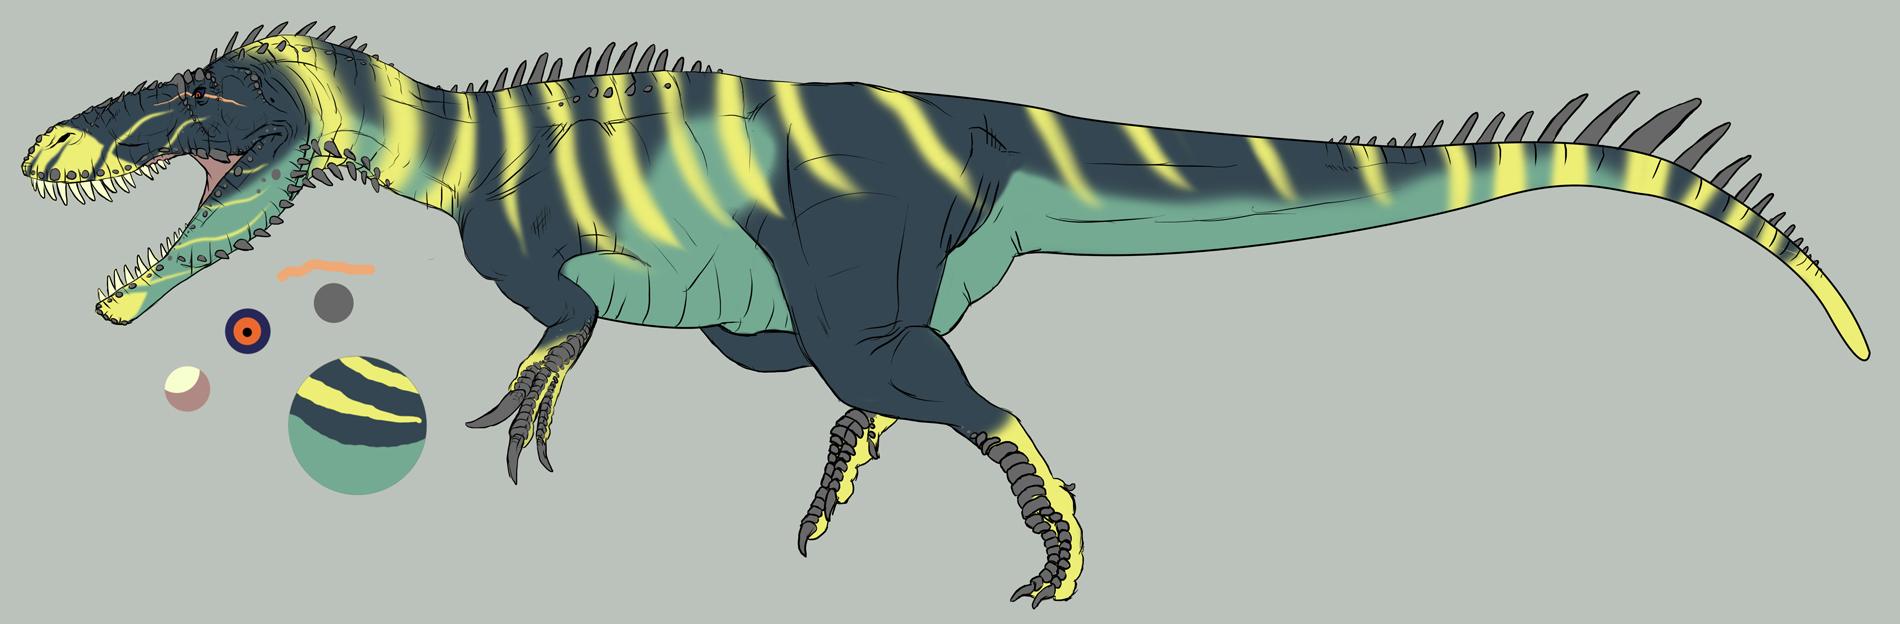 Torvosaurus tanneri by dipstikk